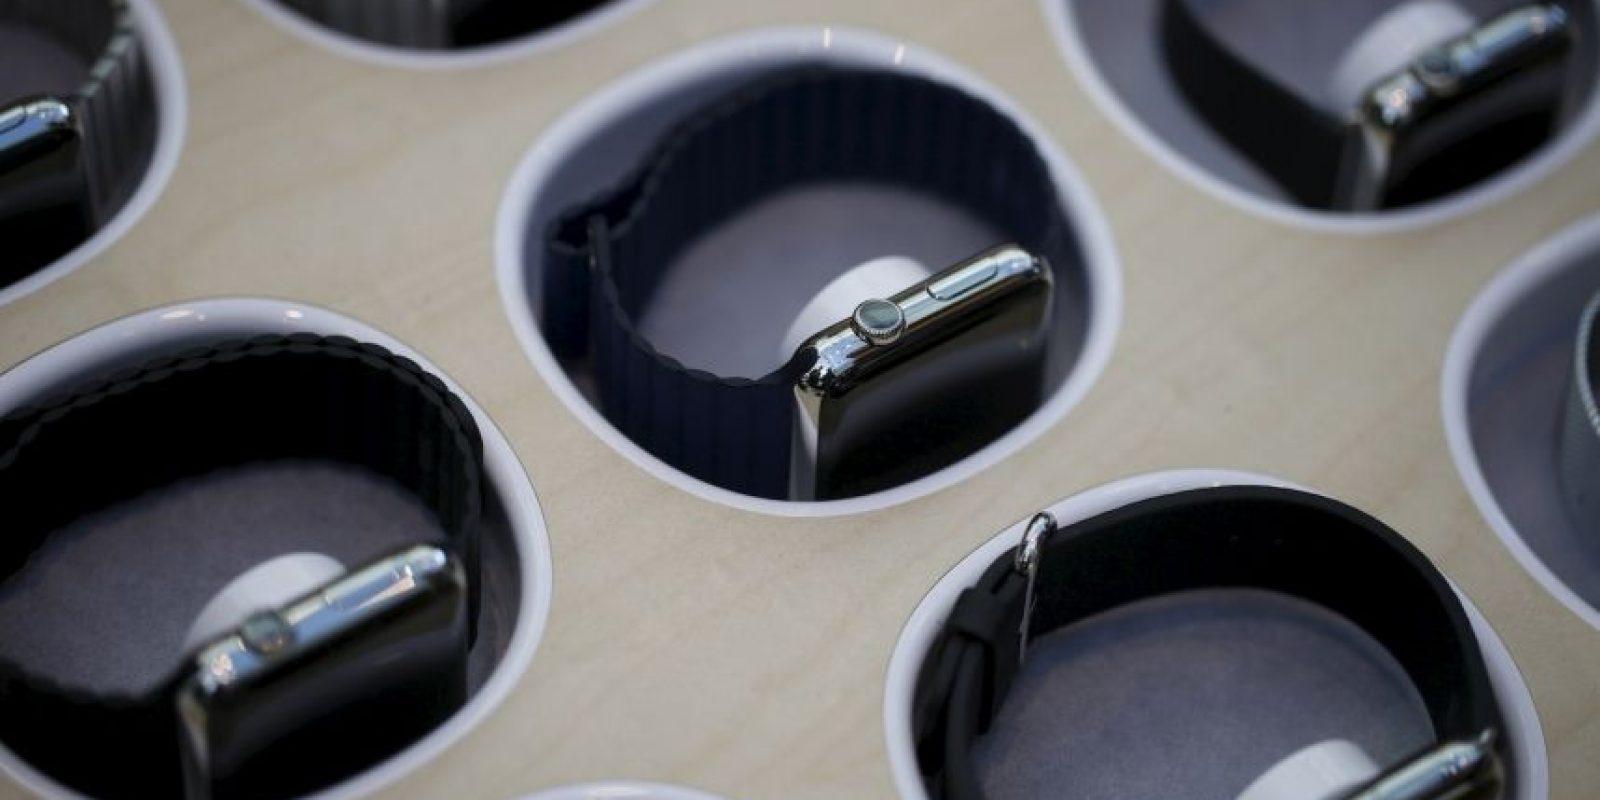 La correa del Apple Watch está causando irritación en los usuarios. Por eso te presentamos todos los tipos de correa que tiene disponibles el Apple Watch Foto:Getty Images